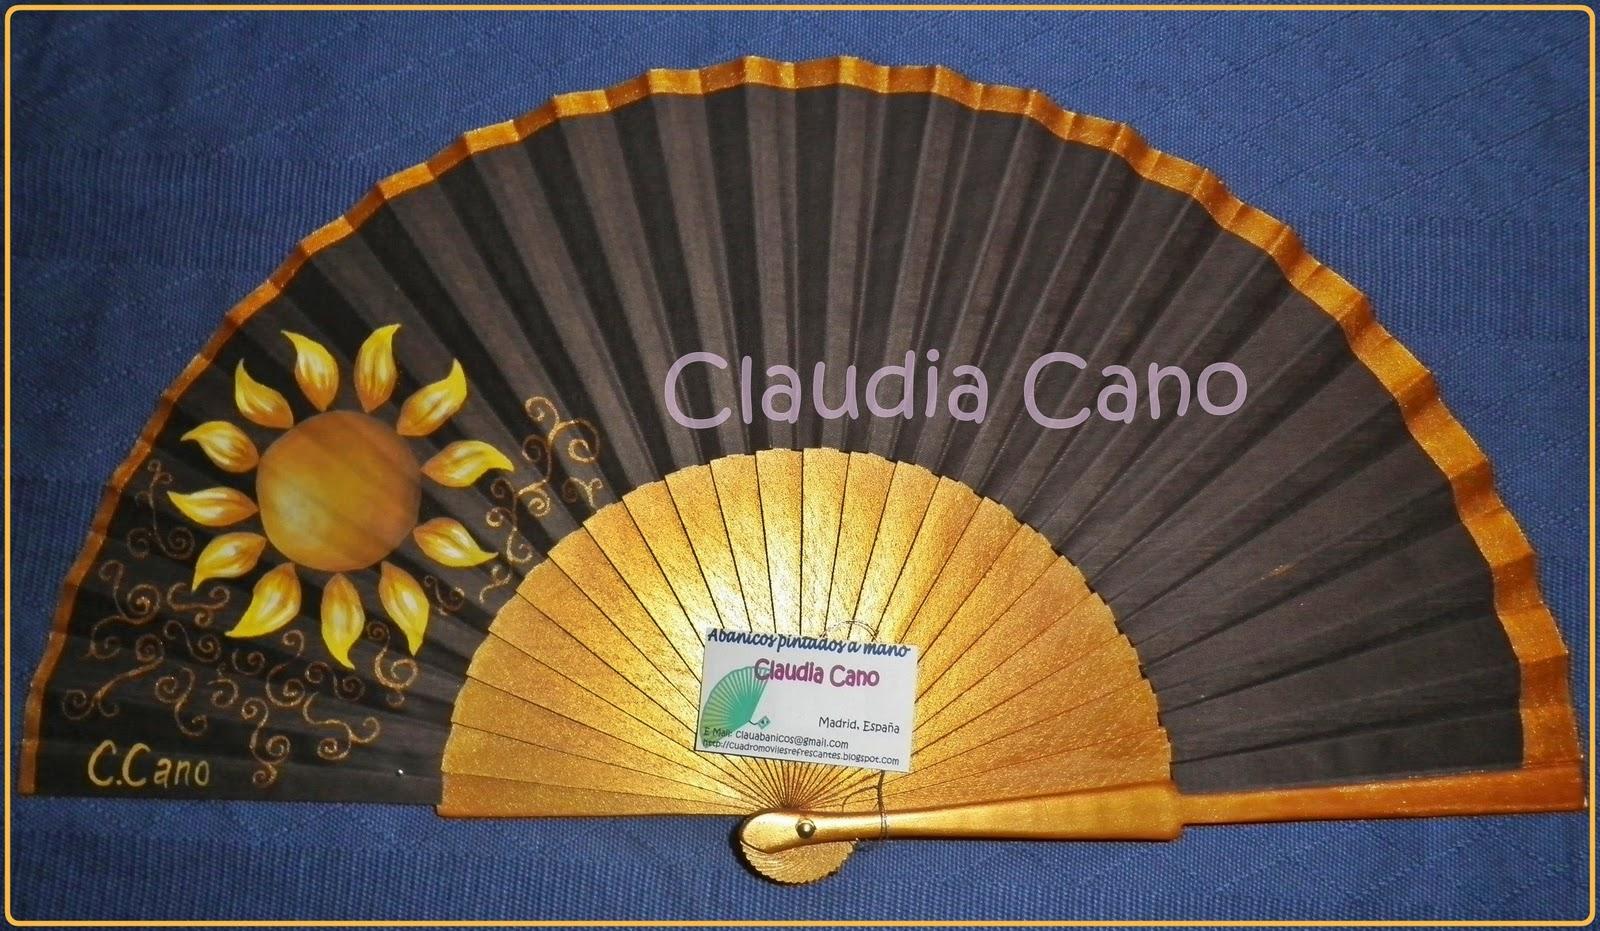 Abanicos pintados a mano por claudia cano septiembre 2011 - Abanicos pintados a mano originales ...